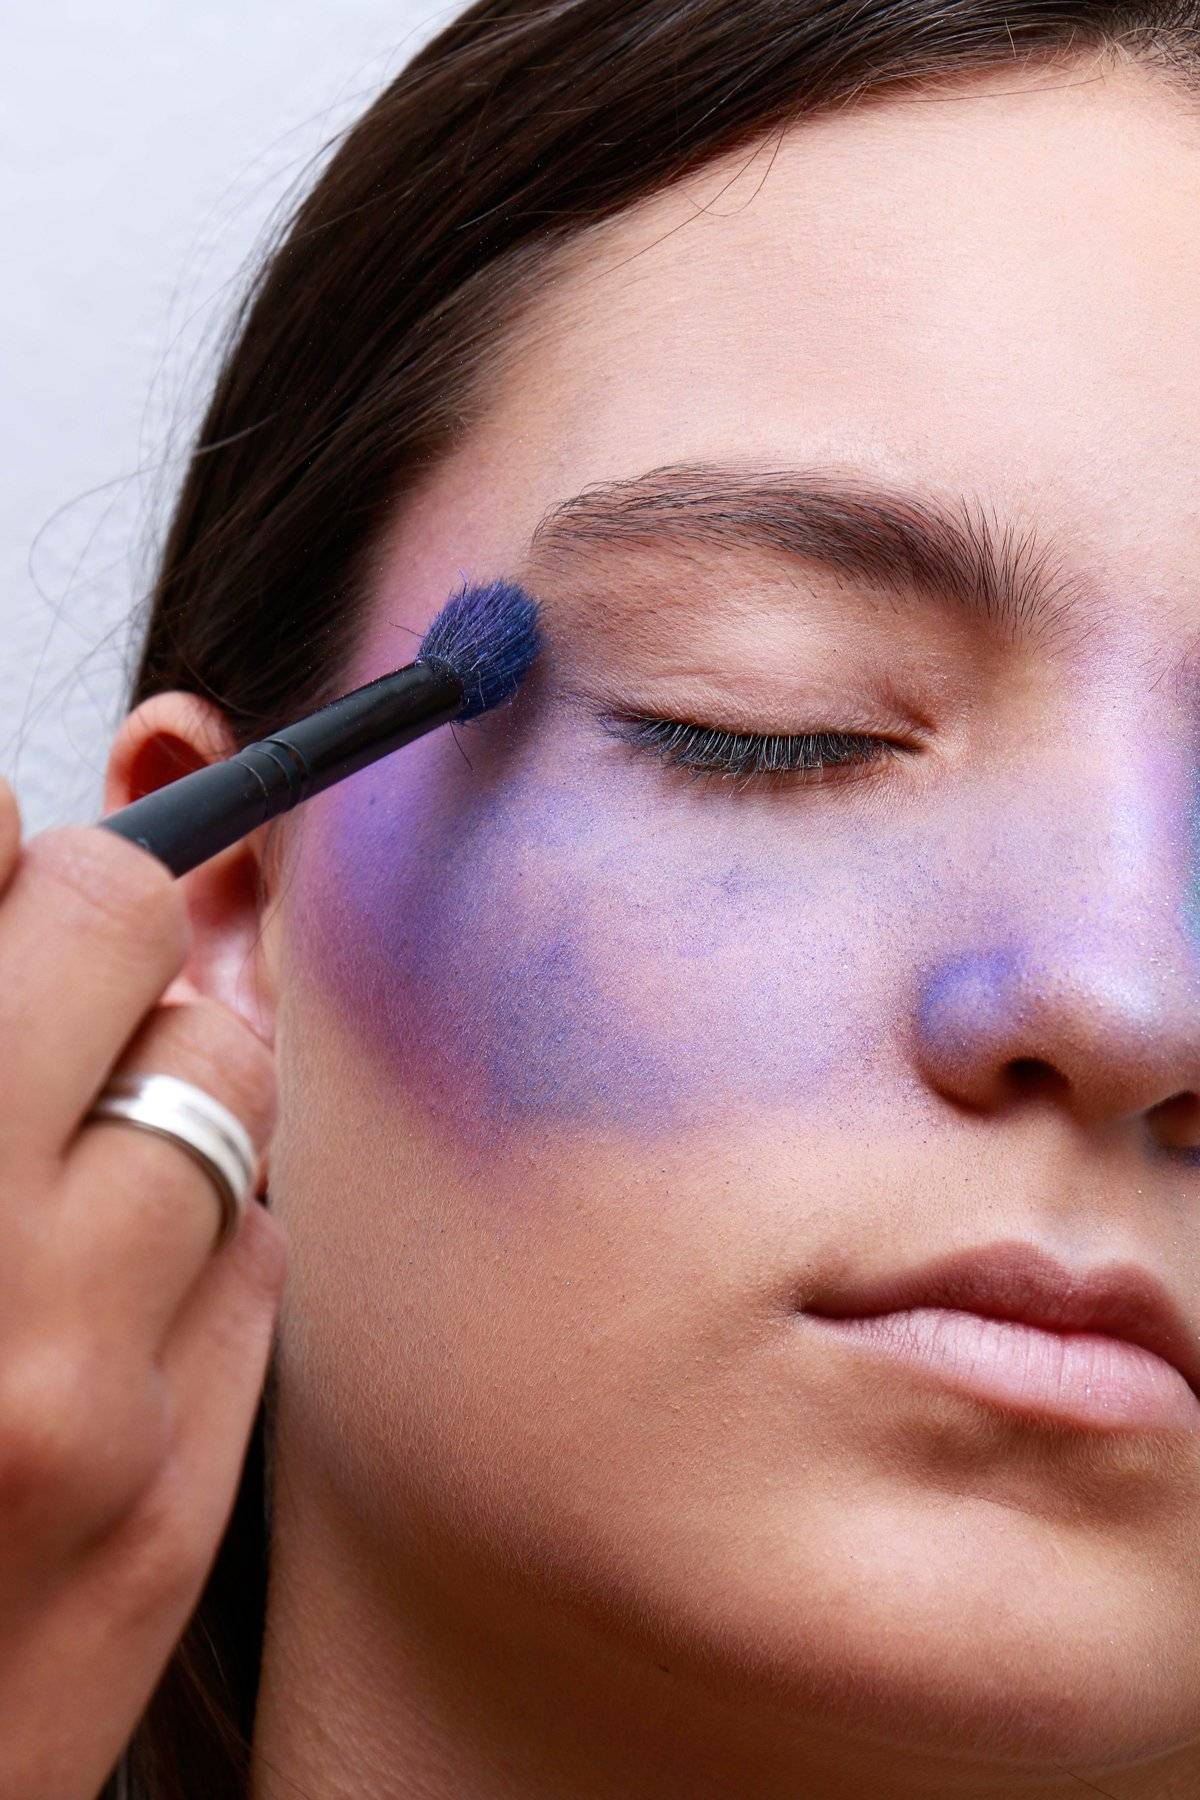 Prepare a pele. Uniformize o rosto com base e inicie o contorno com uma sombra roxa.